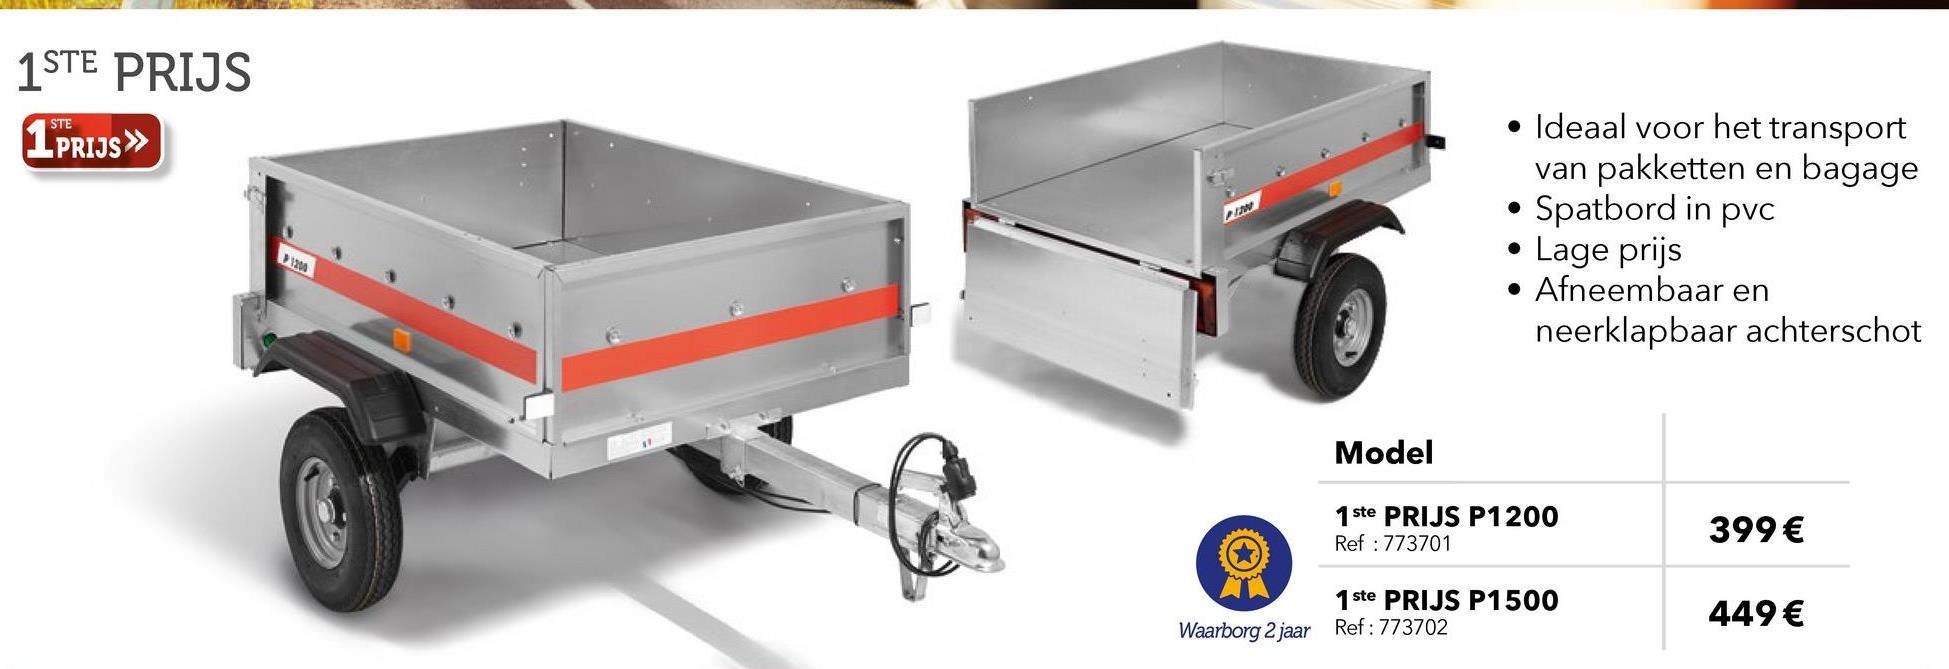 Aanhangwagen 450kg 1ste Prijs P1200 De aanhangwagen is de transportoplossing die aan uw behoeften kan voldoen. Deze kan nuttig zijn in het kader van een vertrek op vakantie, en is ook praktisch om uw materialen te verplaatsen. De aanhangwagen 1er ste Prijs P1200 450 kg is ideaal voor het vervoer van groen afval naar de groenstortplaats. Deze kleine bagagewagen zal ook heel nuttig zijn voor het laden van uw pakketten en bagages. Deze aanhangwagen wordt u volledig gemonteerd geleverd en heeft spatborden in kunststof , een rechte disselboom, een afneembaar en wegklapbaar achterschot. De zijschotten zijn in gegalvaniseerd staal waardoor hun levensduur kan worden verlengd en de uitzichtskwaliteit in de tijd kan worden behouden. Al onze aanhangwagens 1ste Prijs worden vervaardigd in Frankrijk en ondergaan de strengste tests en proeven die de controle van het productiesysteem waarborgen evenals de betrouwbaarheid , de kwaliteit en de veiligheid voor de gebruiker. Ze zijn ook uitgerust met reflecterende systemen (reflectors). De aanhangwagen 450 Kg 1ste Prijs P1200 wordt gemonteerd geleverd.